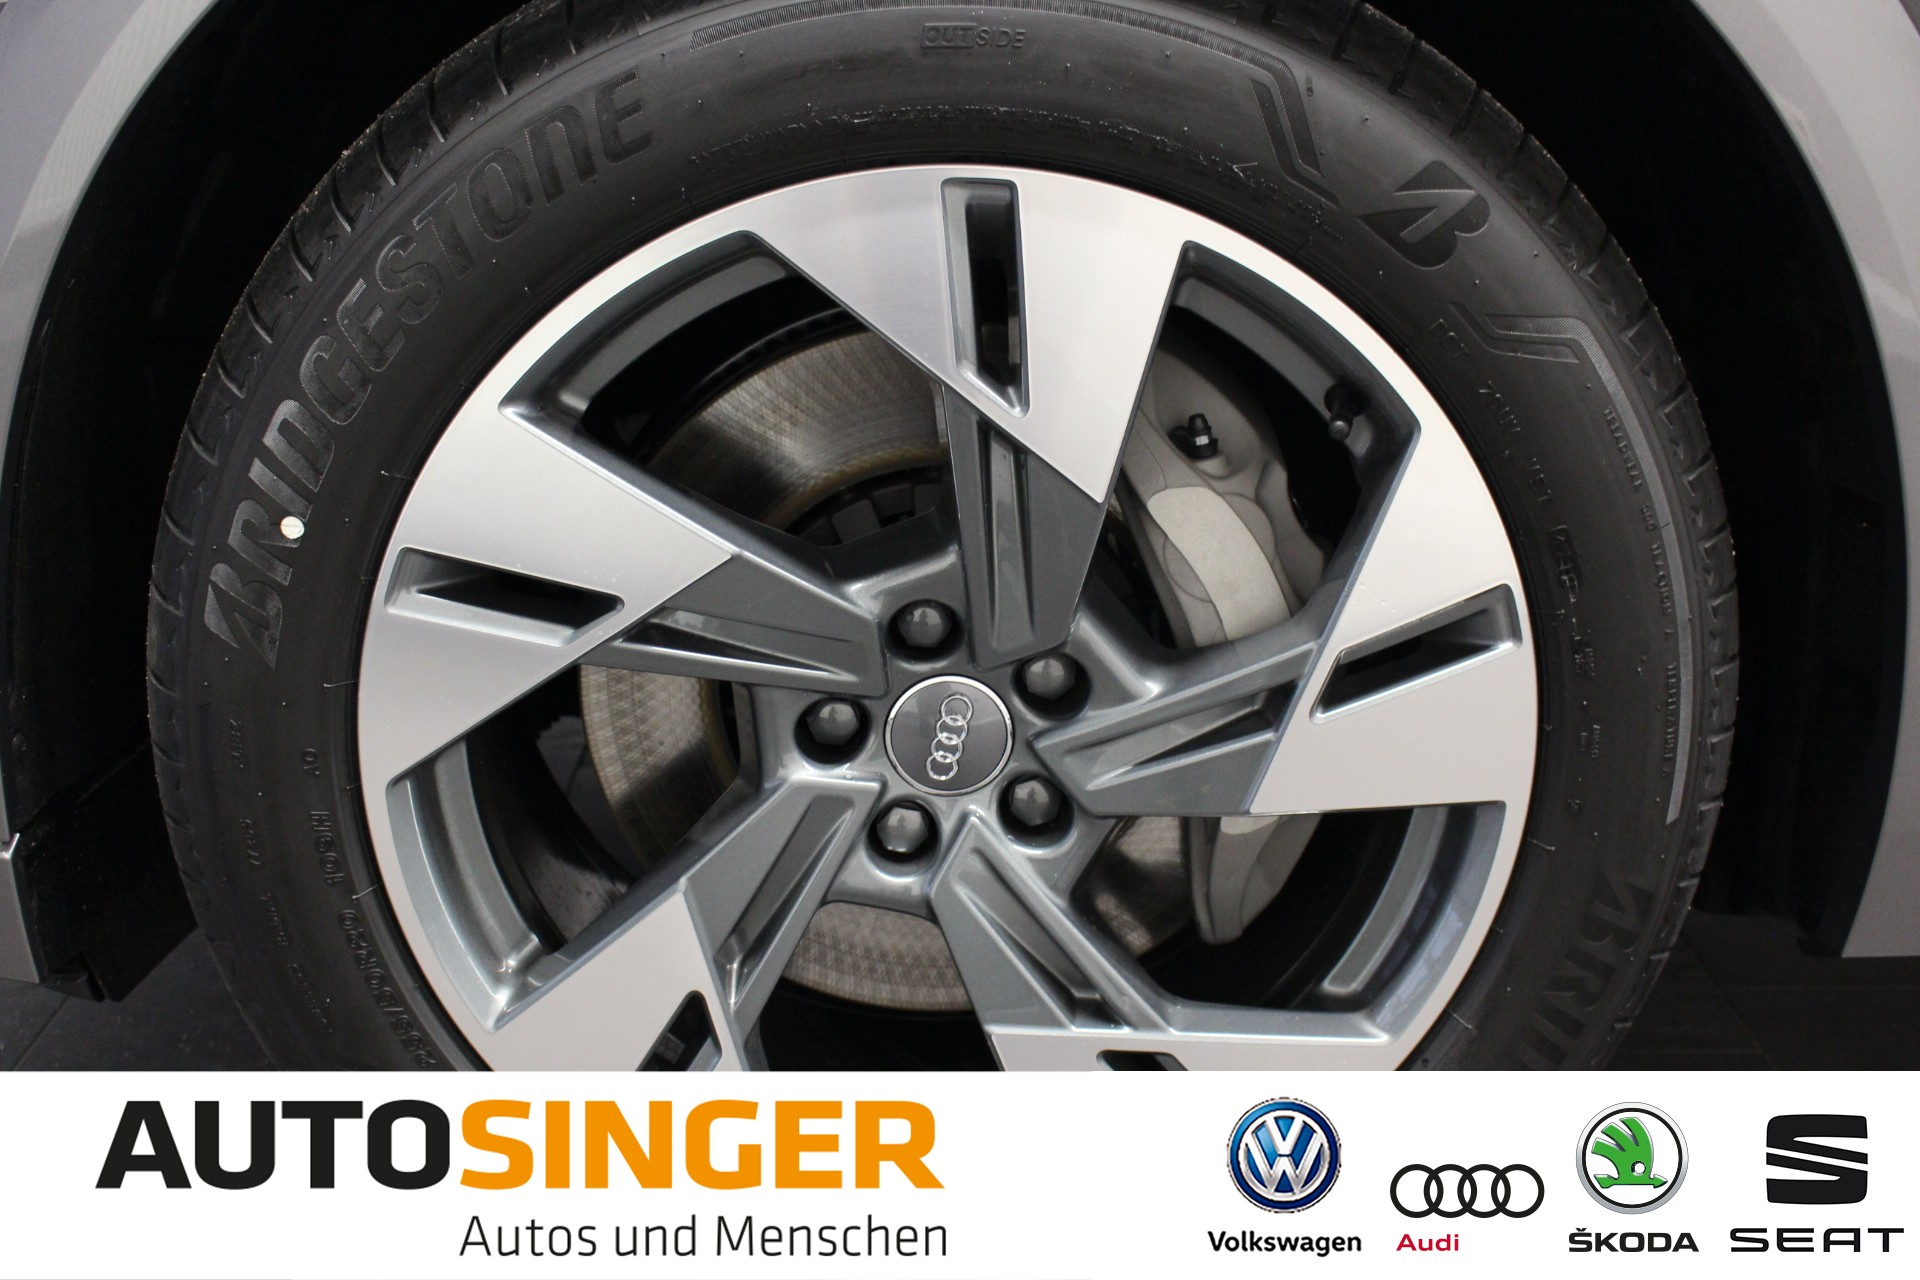 Audi e-tron 55 advanced *ACC*R-Cam*Alcantara*E-Sitze*, Jahr 2019, electric